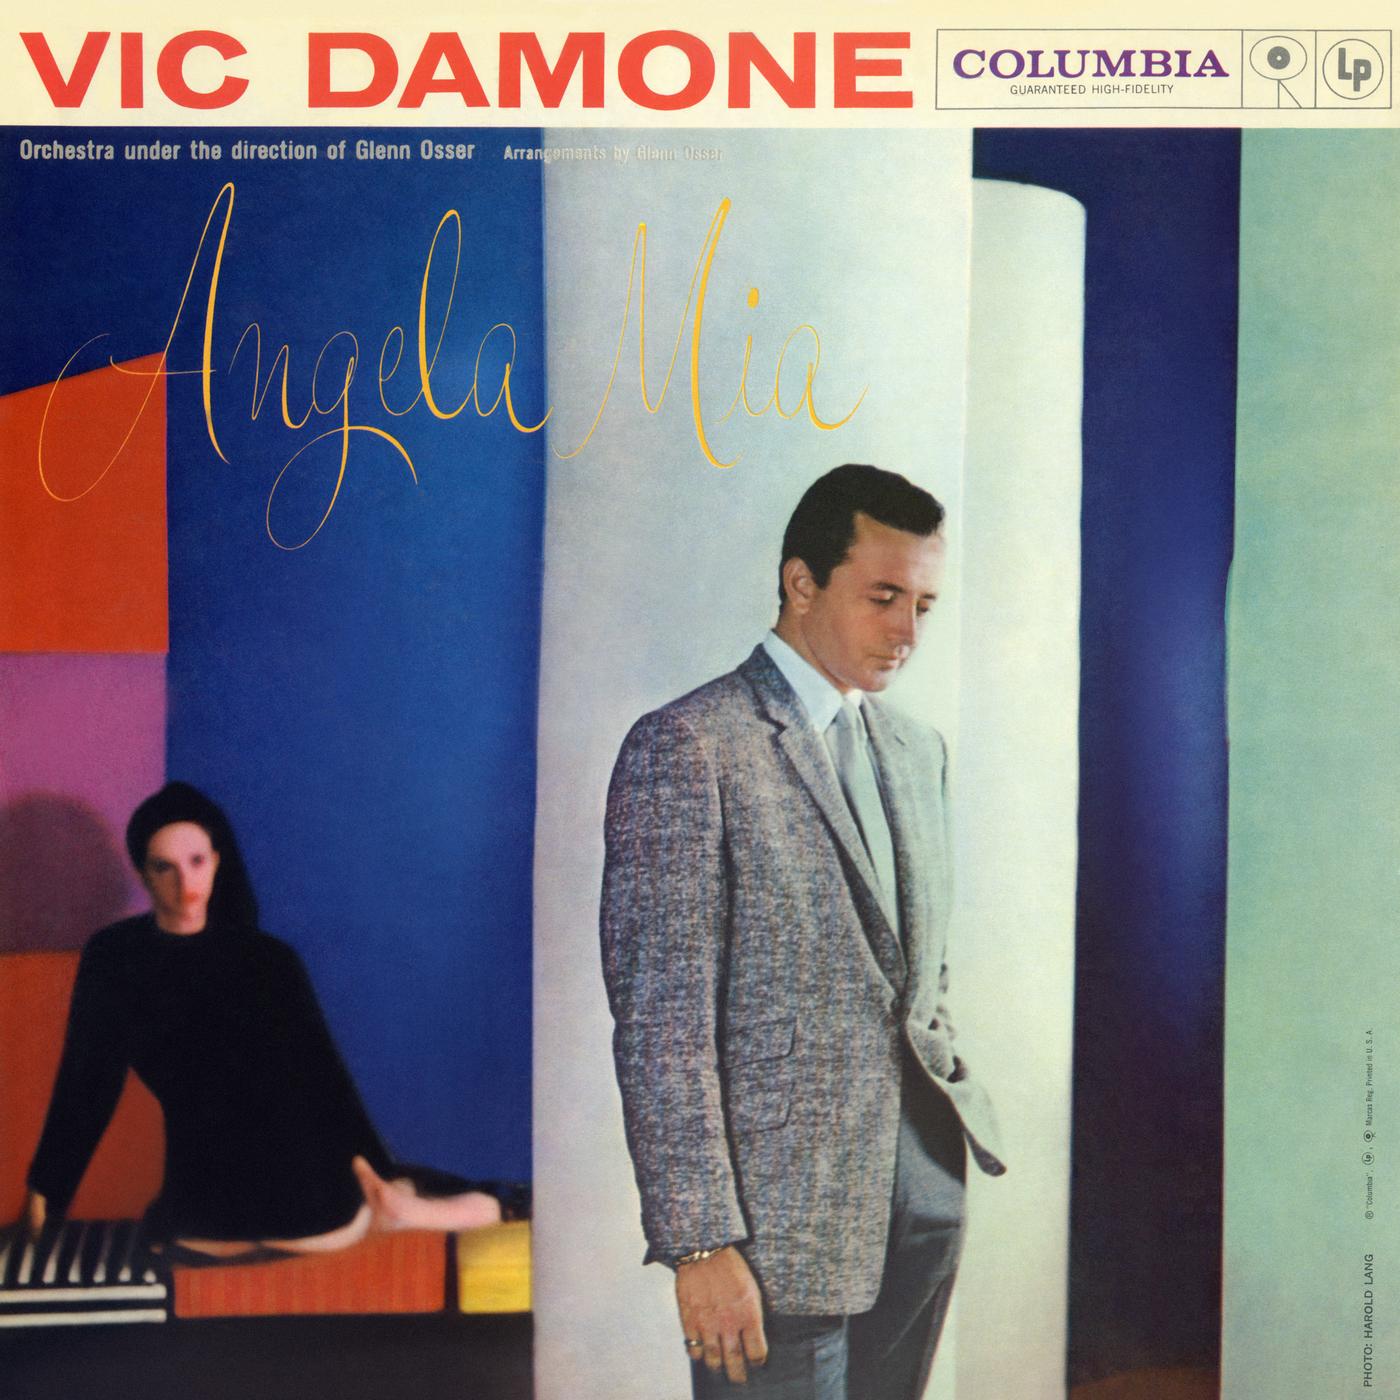 Angela Mia - Vic Damone